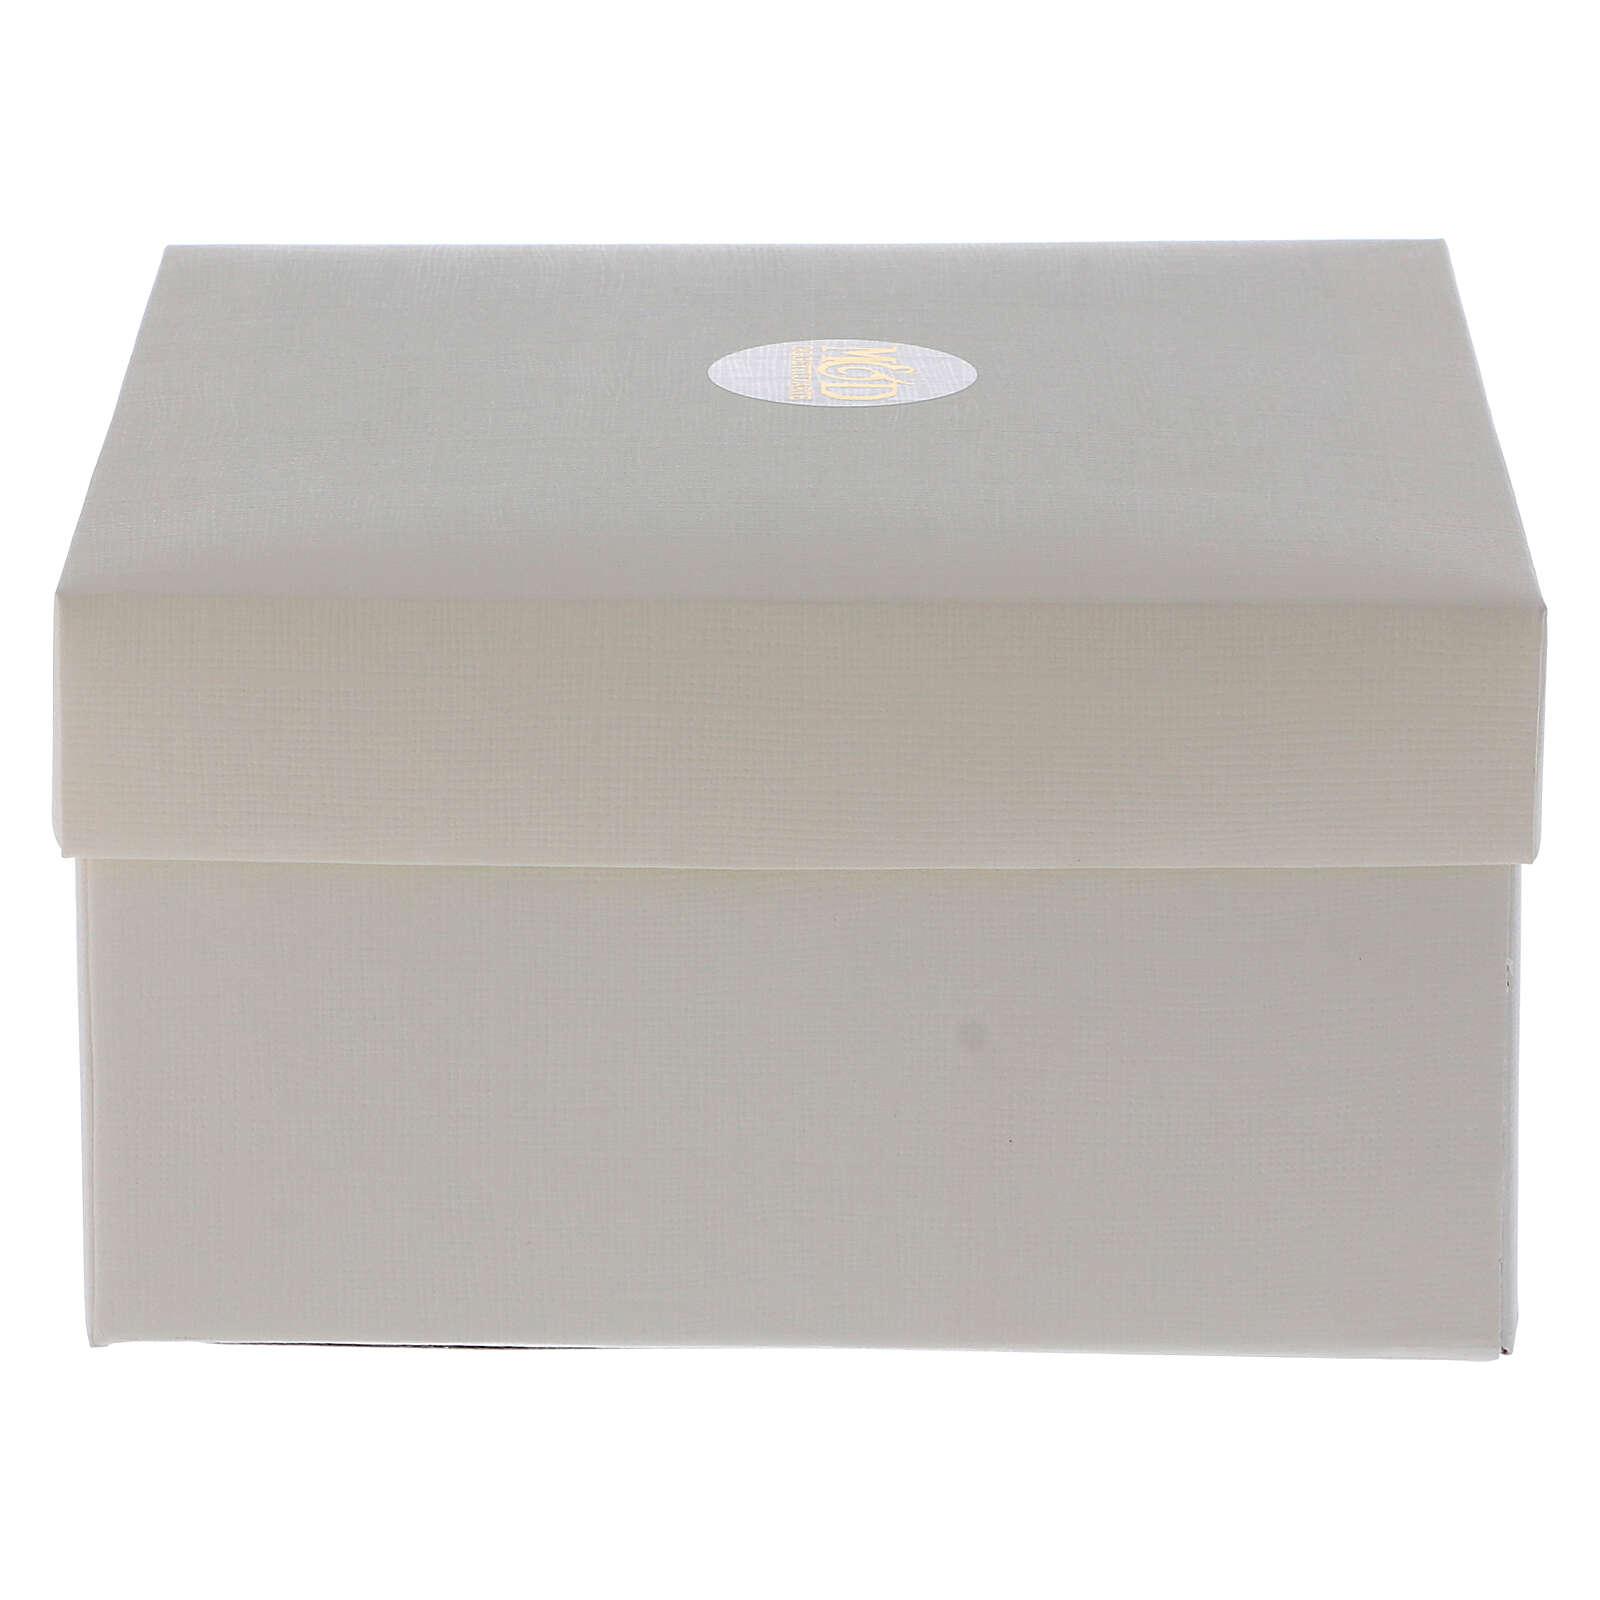 Lembrancinha Crisma caixinha 5x5x5 cm vela 4